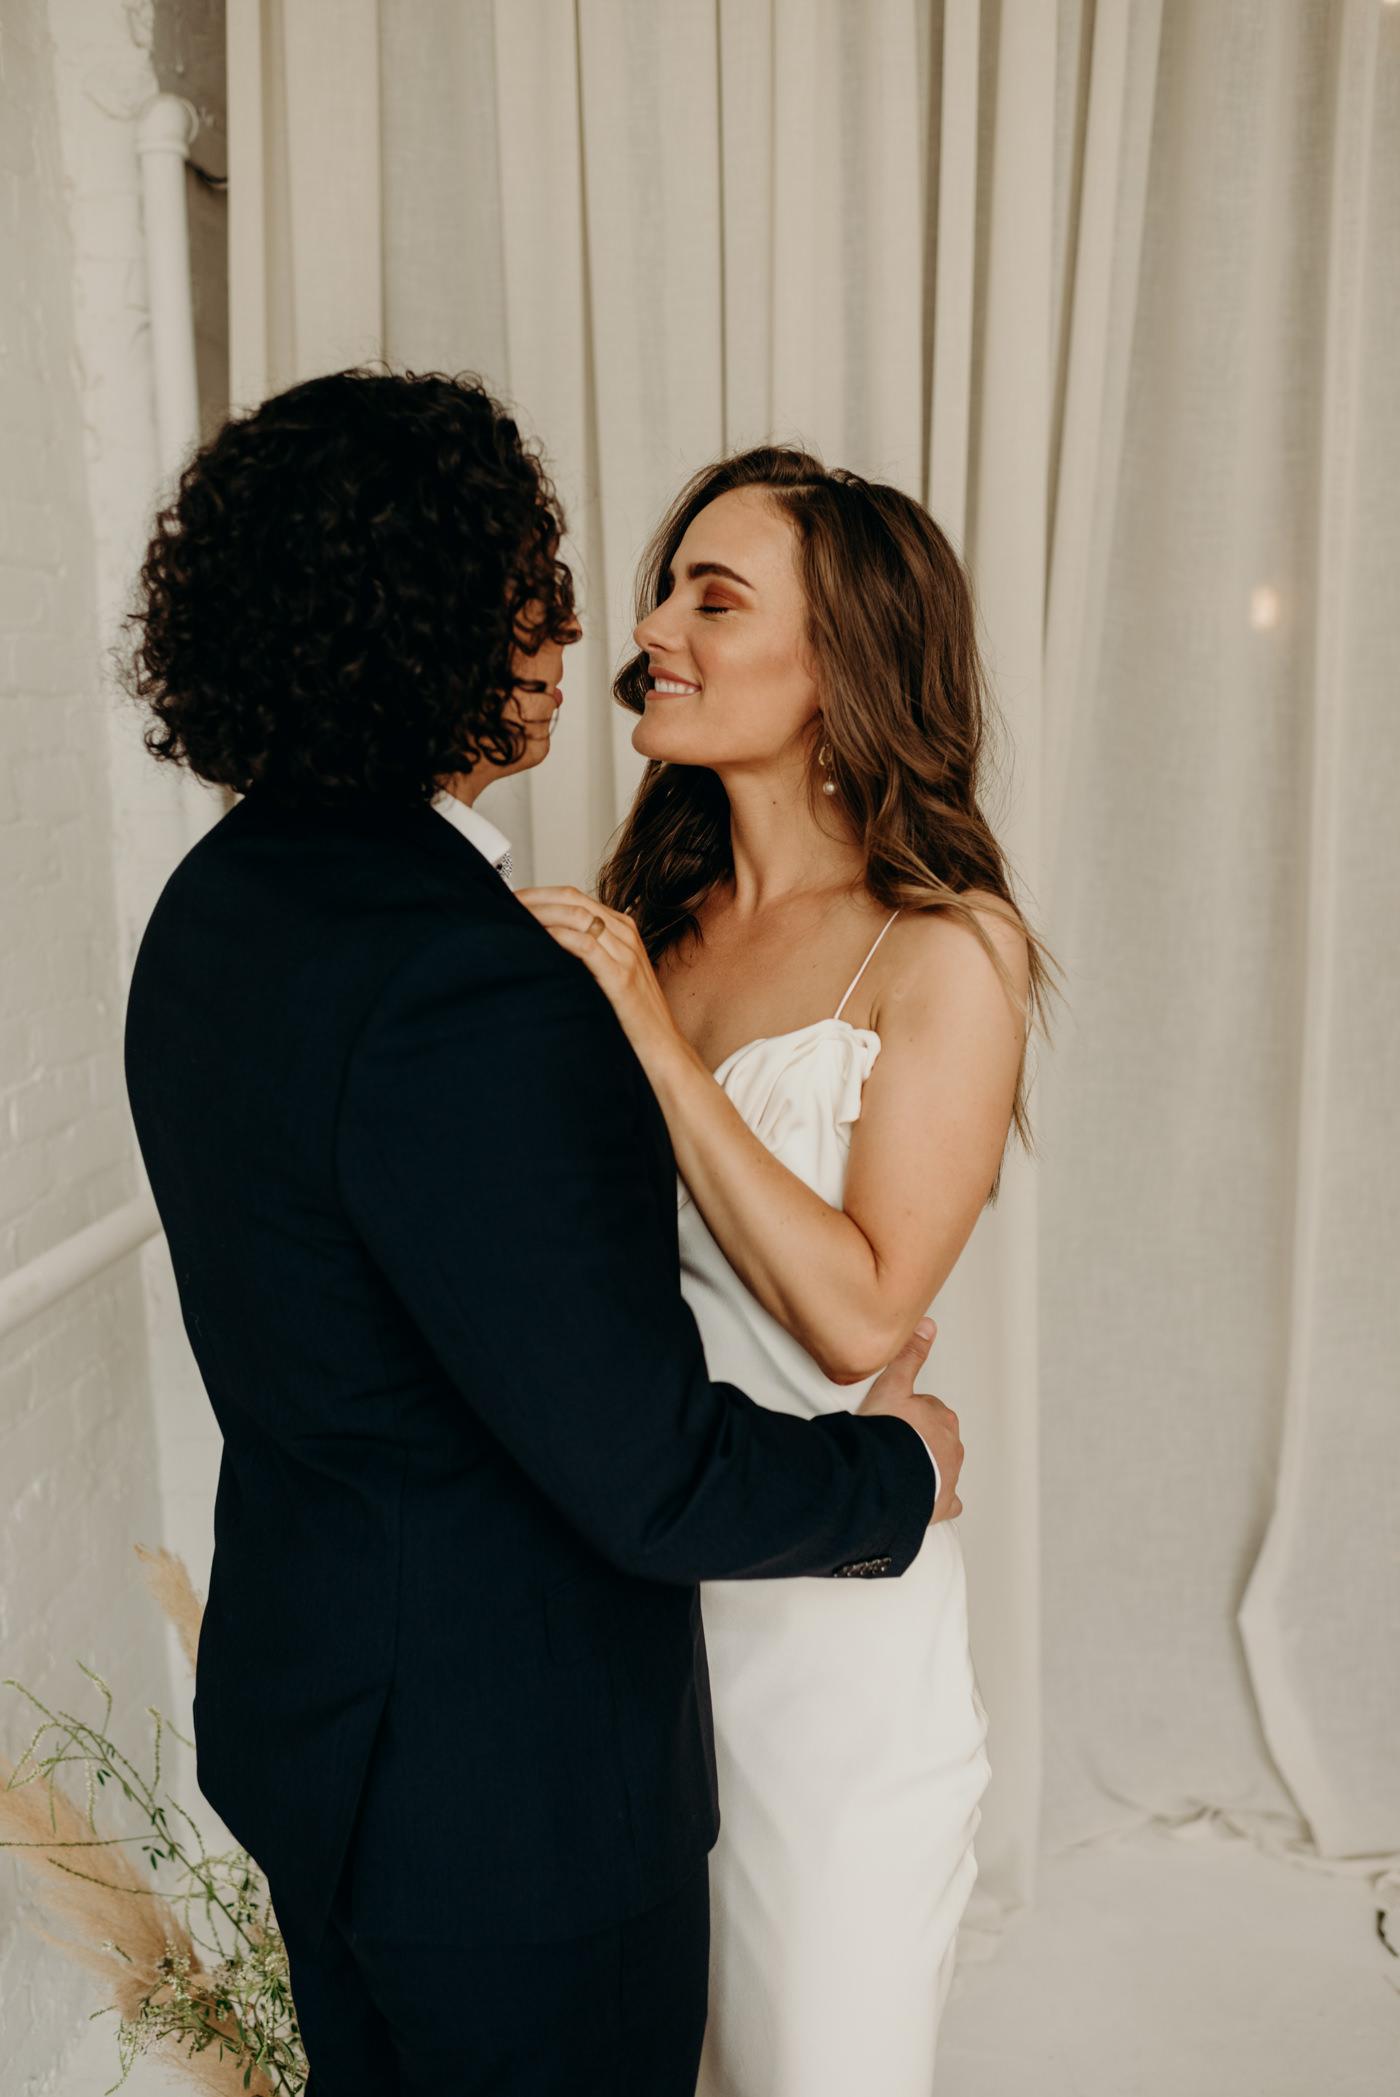 midcentury loft elopement